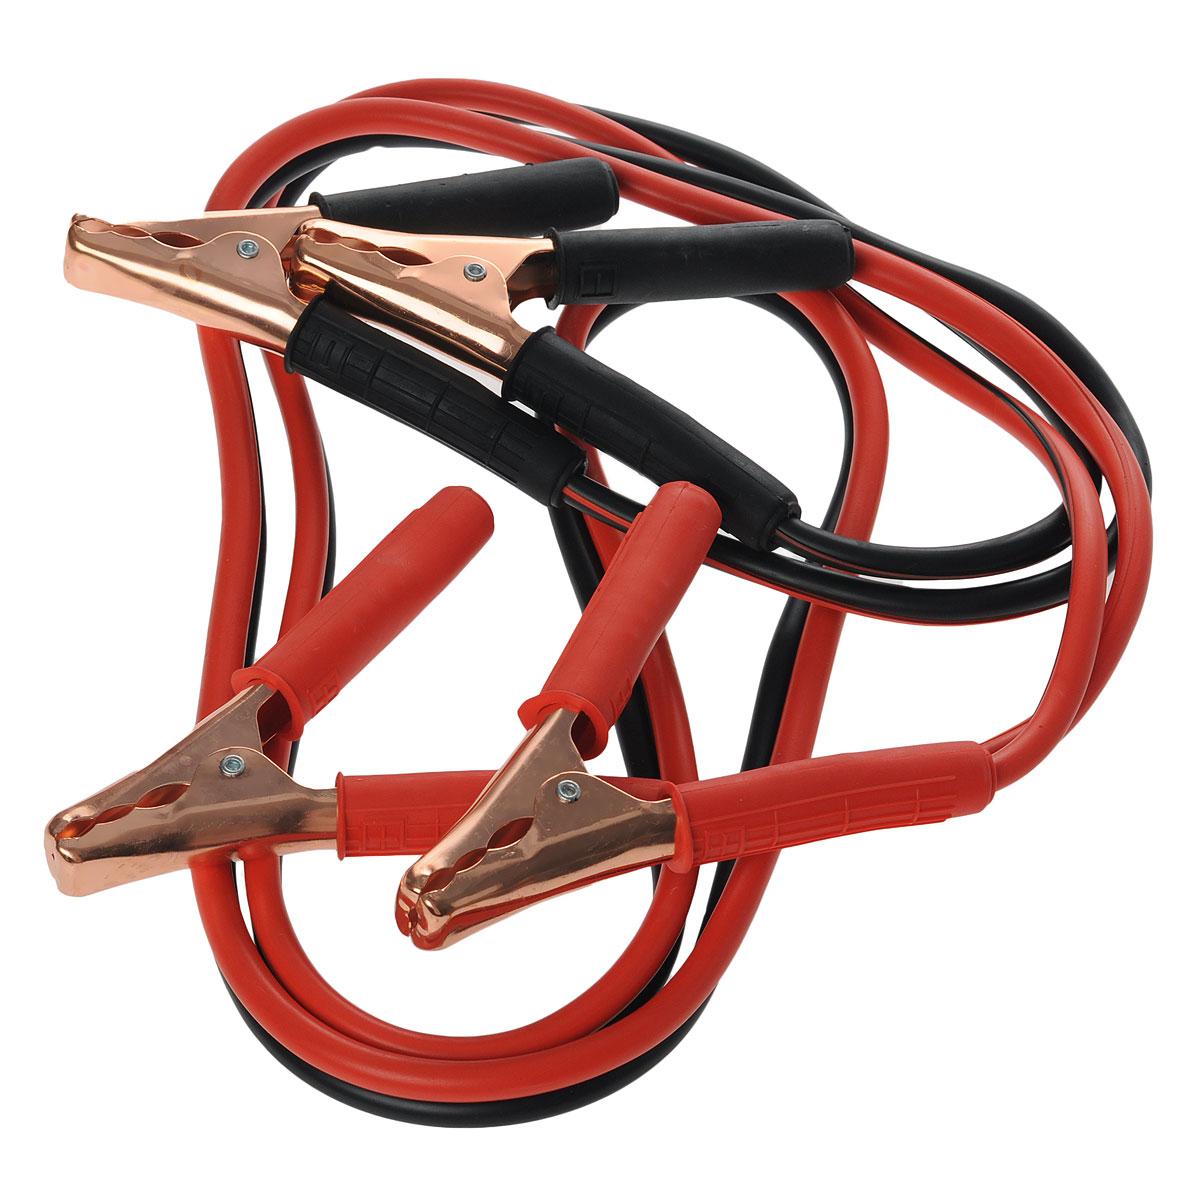 Провода стартовые для автомобилей Качок B400, 2,5 мBH-UN0502( R)Провода аккумуляторной батареи Качок B400 предназначены для запуска двигателя автомобиля с разряженной аккумуляторной батареей от аккумулятора другого автомобиля. Используются для автомобилей с бензиновыми двигателями объемом до 5000 см3 и дизельными двигателями объемом до 4500 см3. Зажимы изолированы с неконтактной стороны. Провода морозоустойчивы. Максимальная нагрузка: 400 А. Морозостойкость: -40°С. Длина проводов: 2,5 м.